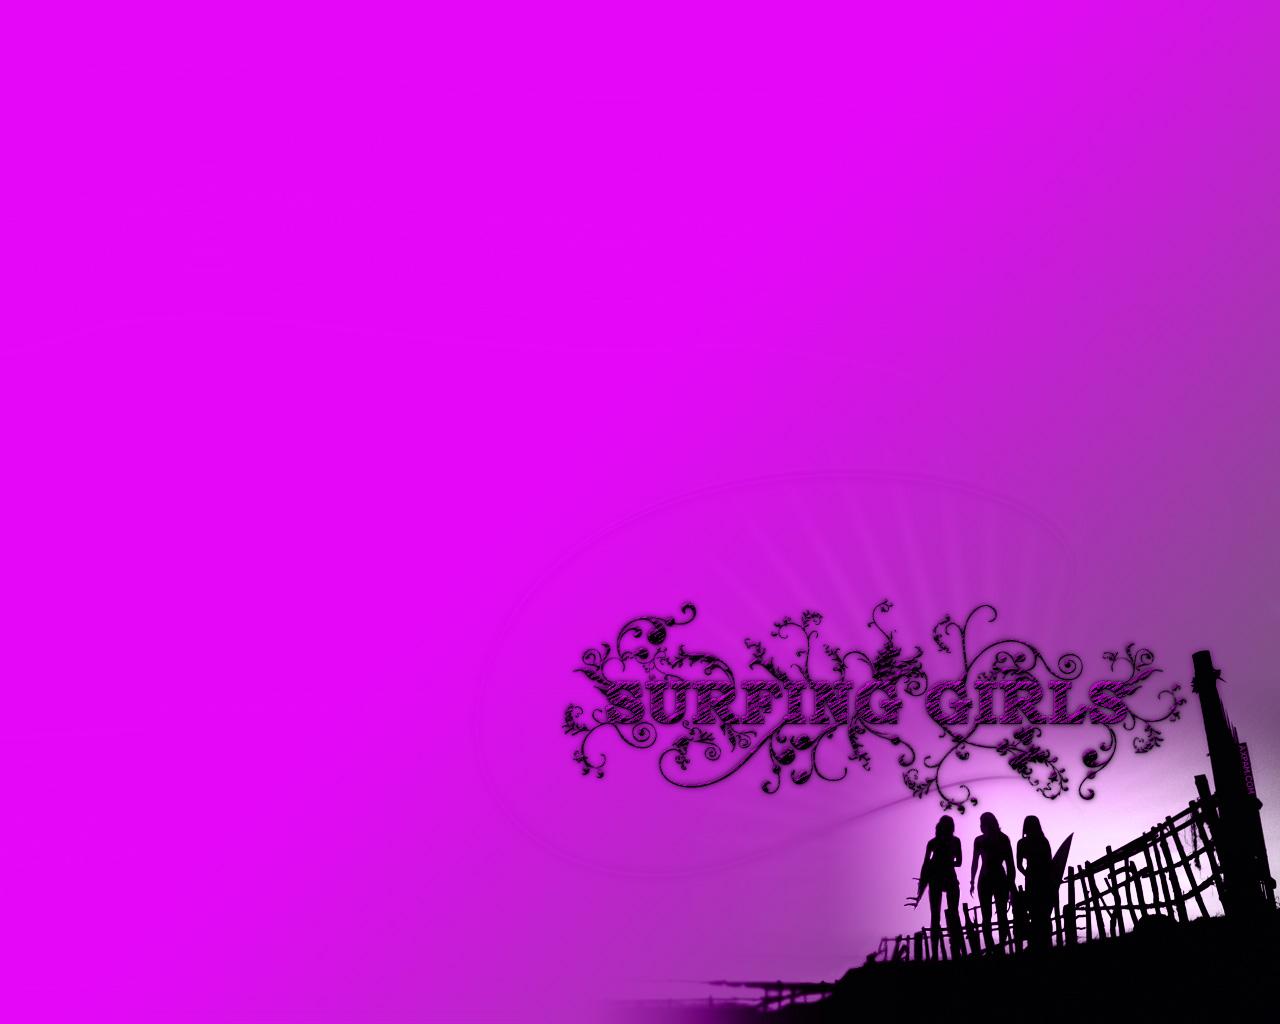 http://4.bp.blogspot.com/_vh9dzRU1ep0/TIl80k7GnAI/AAAAAAAALJY/vIFxl8z_Lkw/s1600/surfing_girls_wallpaper.jpg